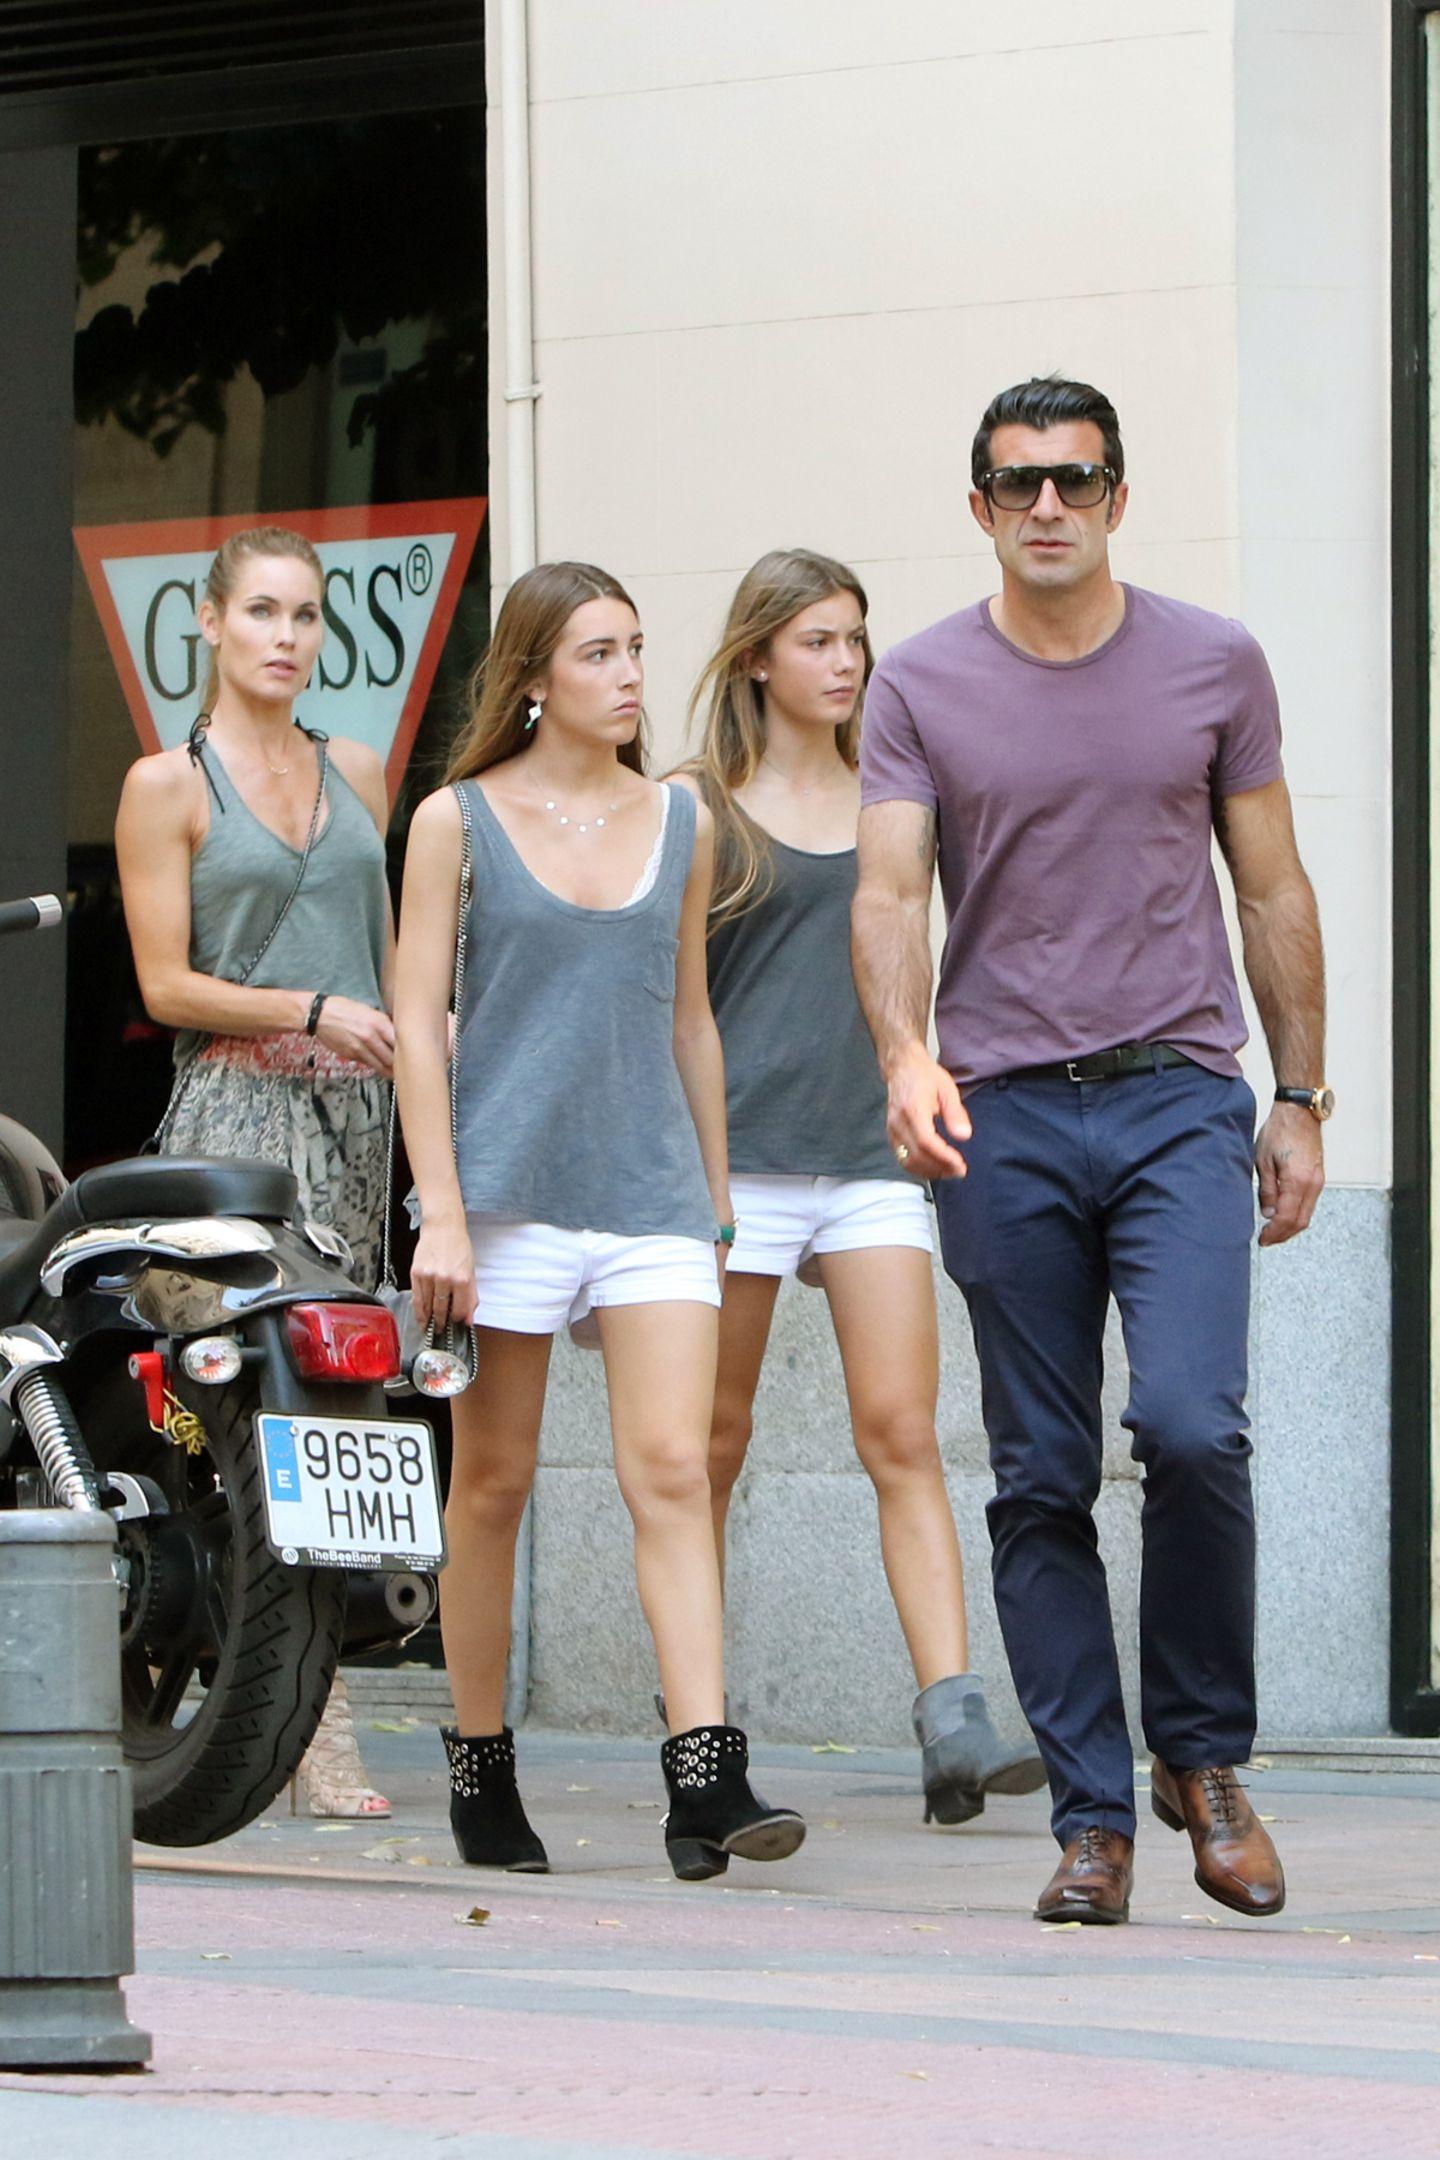 4. Juni 2015: Ex-Fußballer Luis Figo geht mit seiner Frau, dem schwedischen Topmodel Helen Svedin, und zwei seiner drei wunderschönen Töchter in Madrid Shoppen.